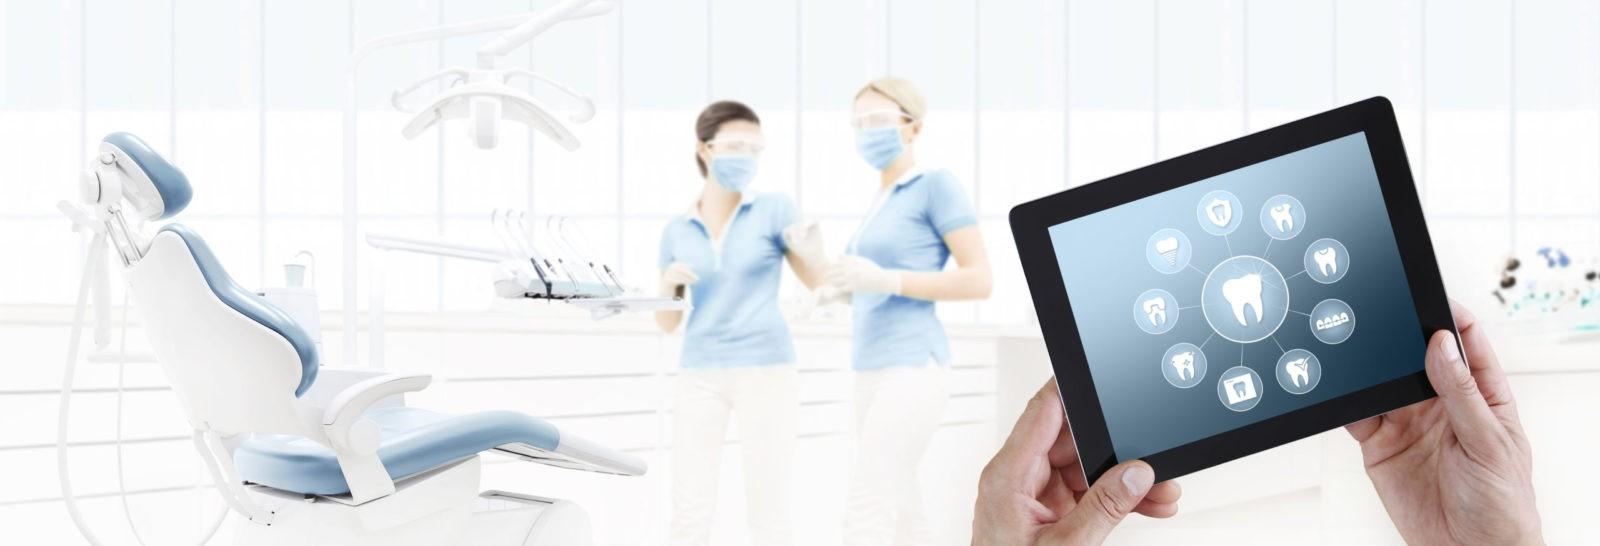 Стоматологические услуги качественно и недорого